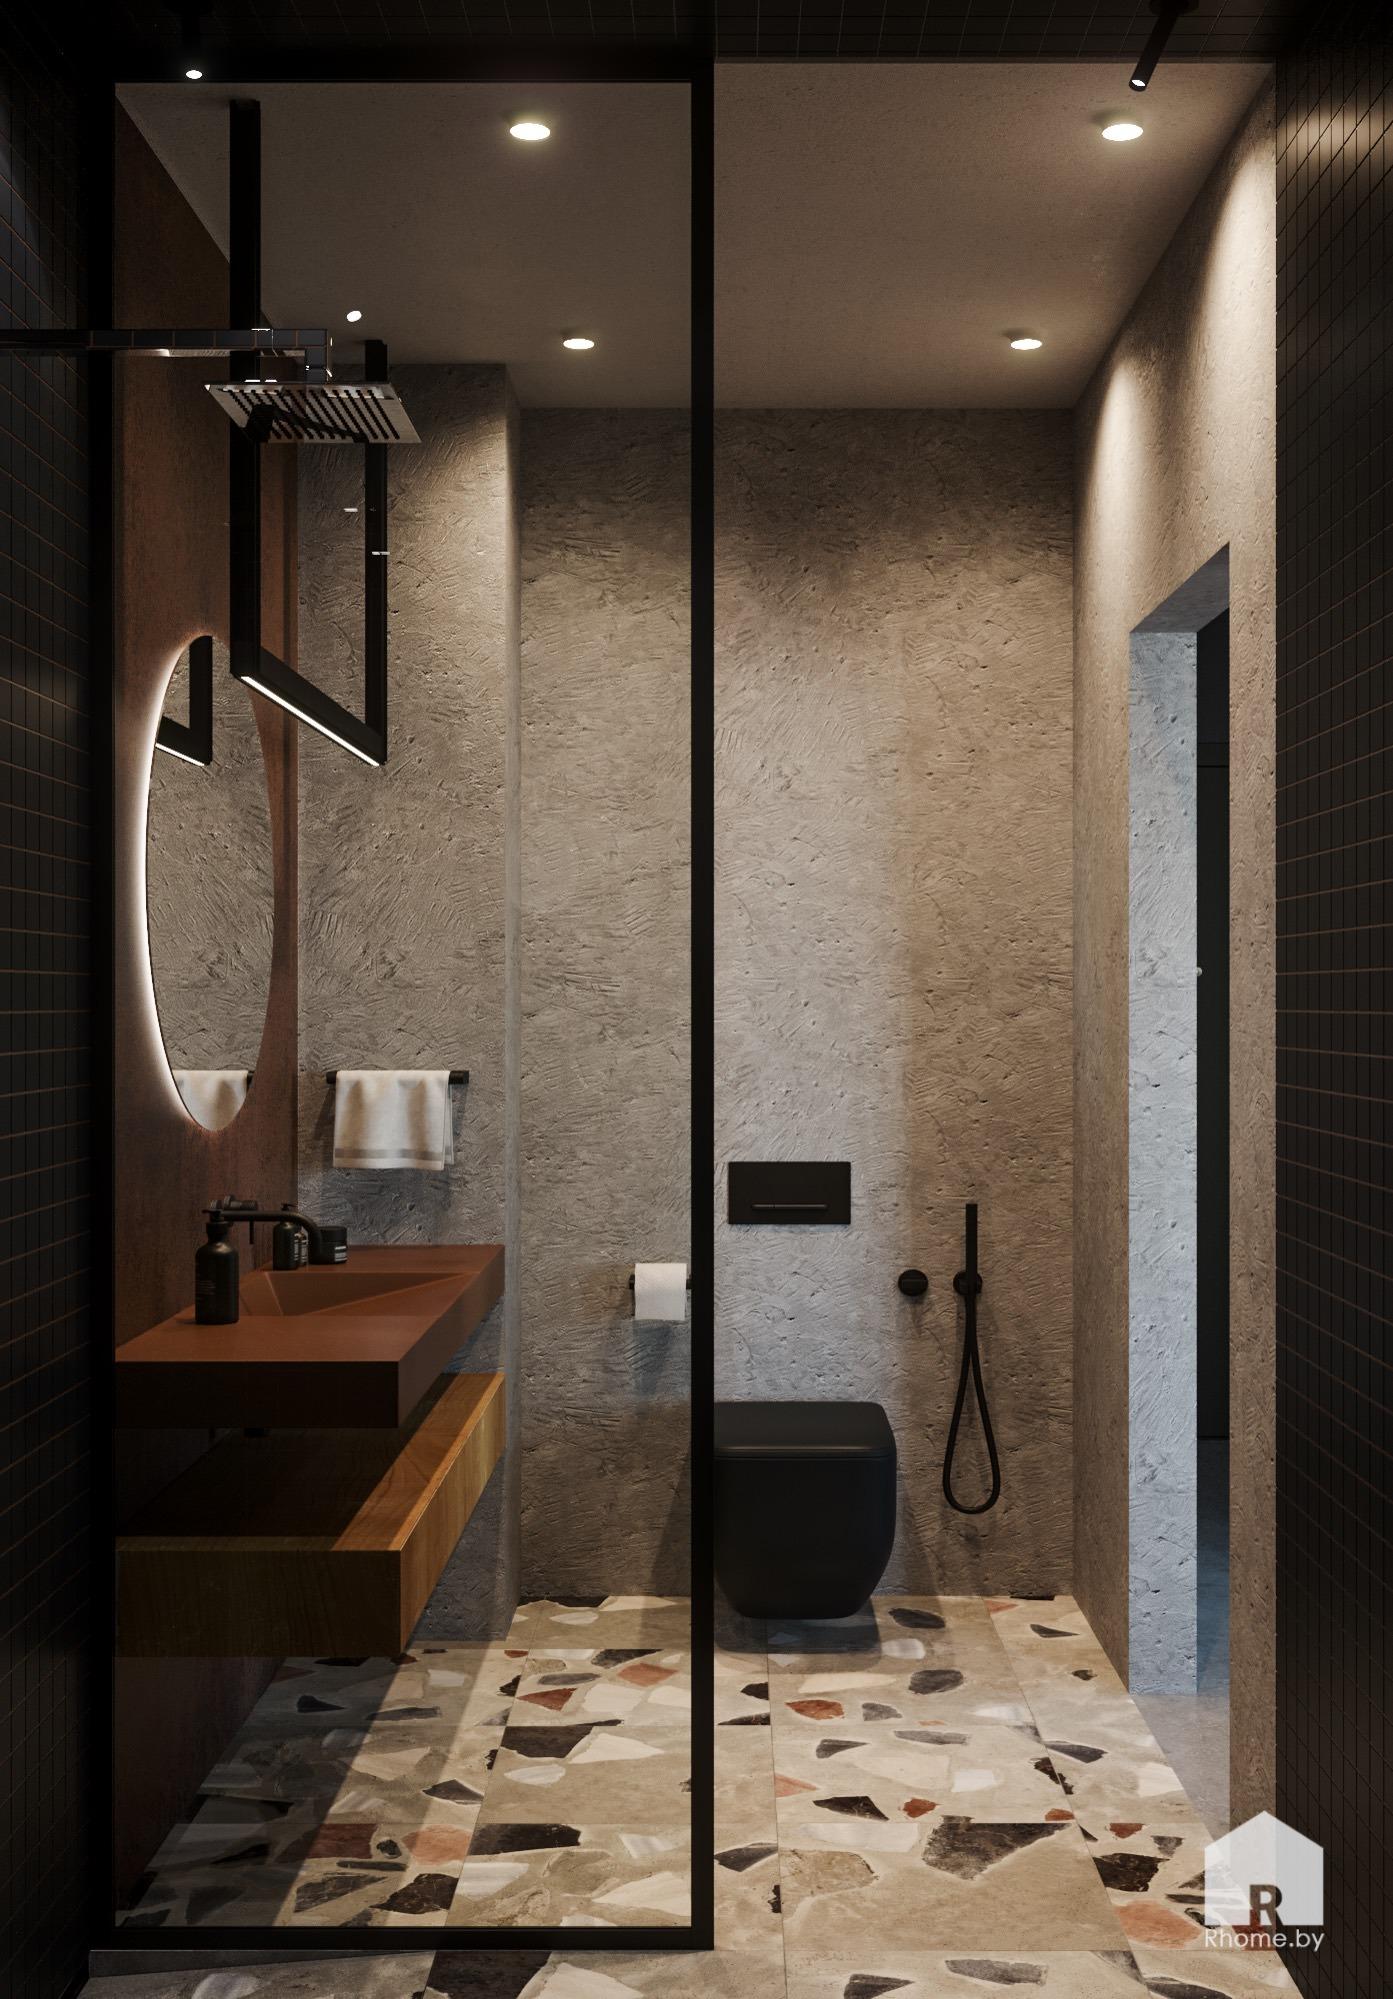 Ванная комната с душевой кабиной, круглым зеркалом с подсветкой и серыми стенами.